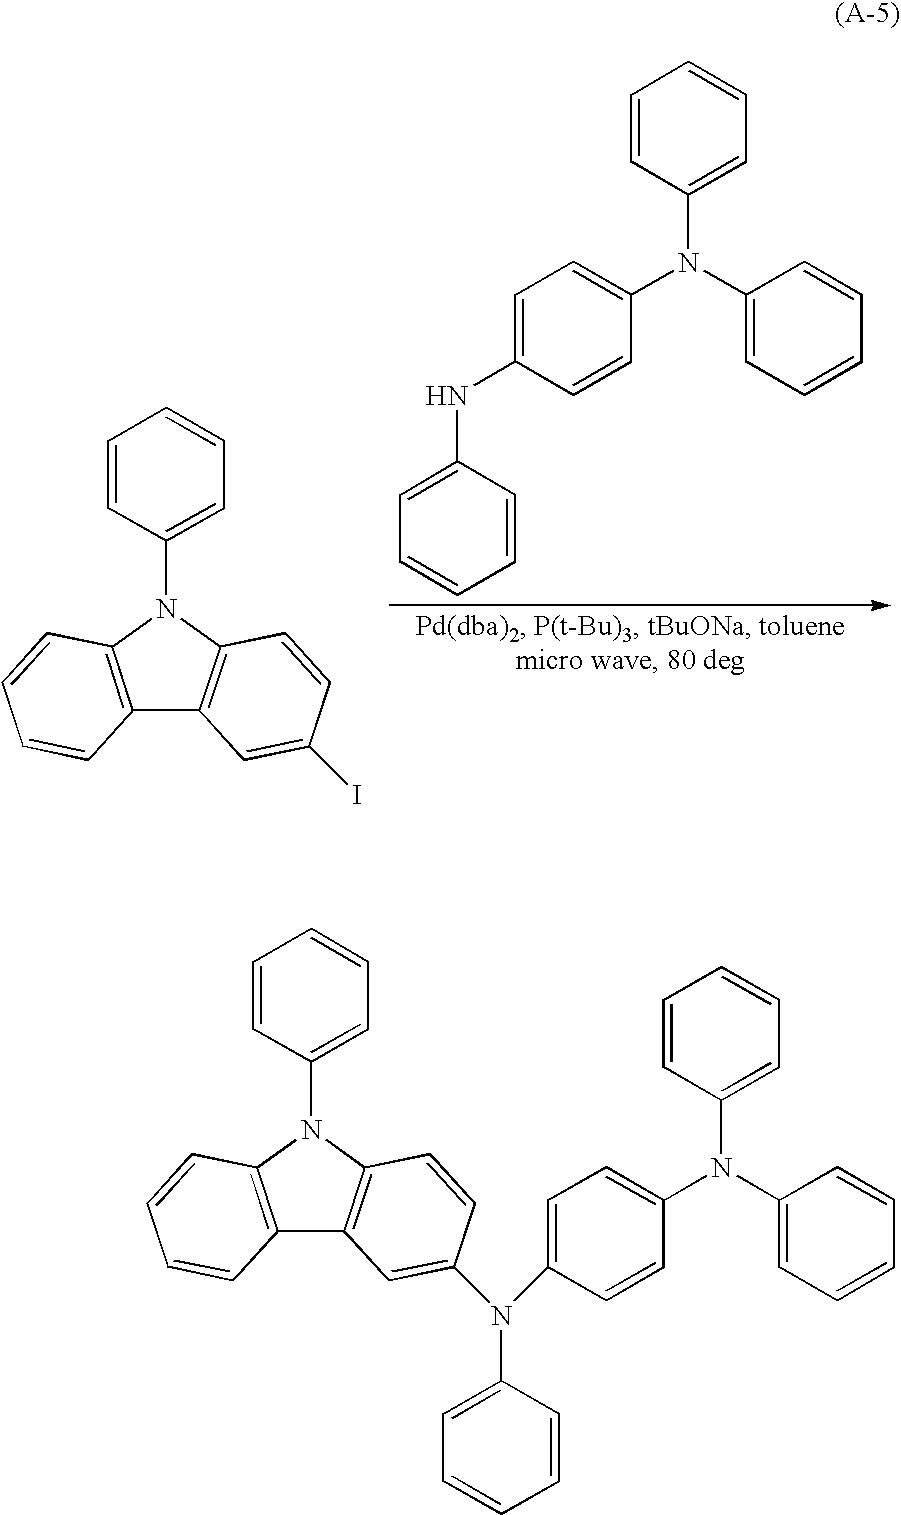 Figure US20090058267A1-20090305-C00041